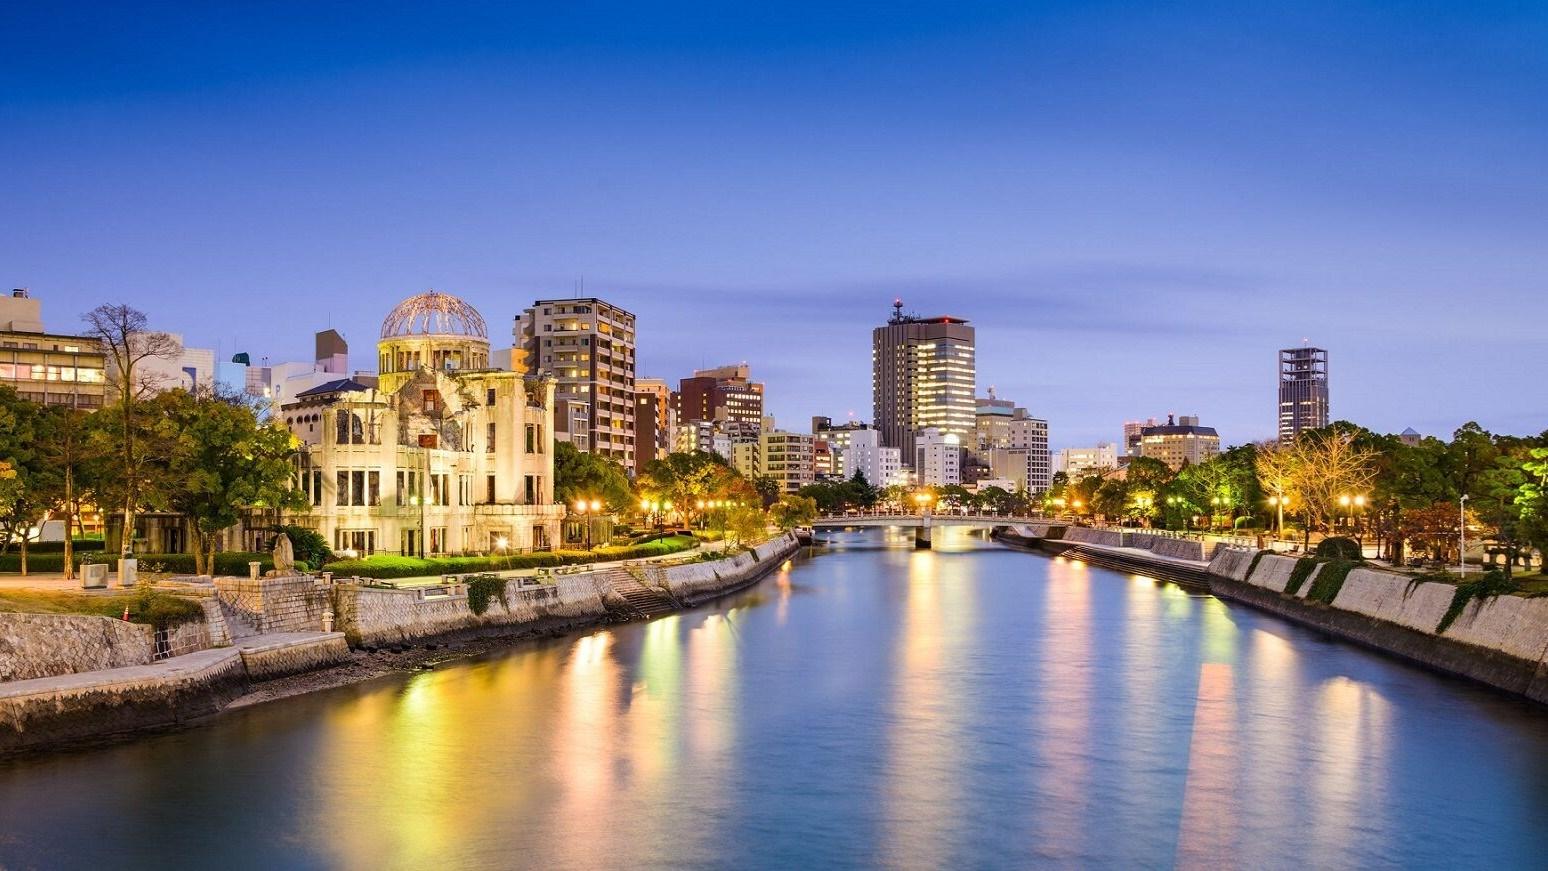 Hình đại điện của danh mục Hiroshima